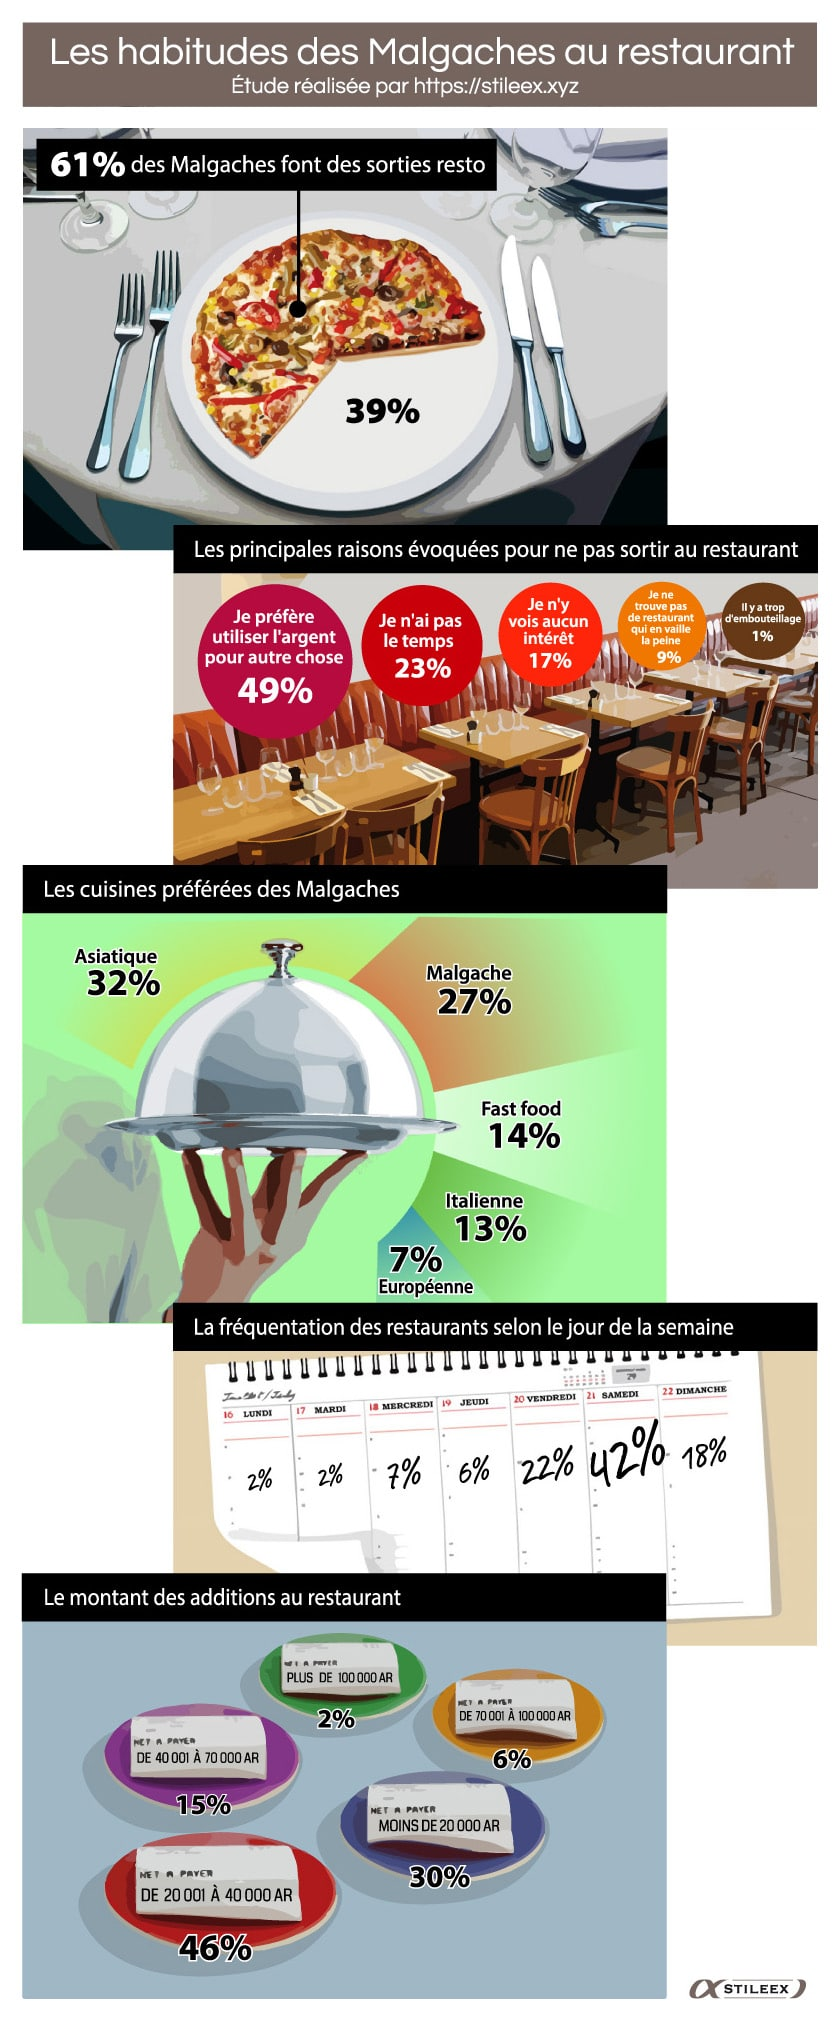 Résultat du sondage 2018 sur les habitudes des Malgaches au restaurant